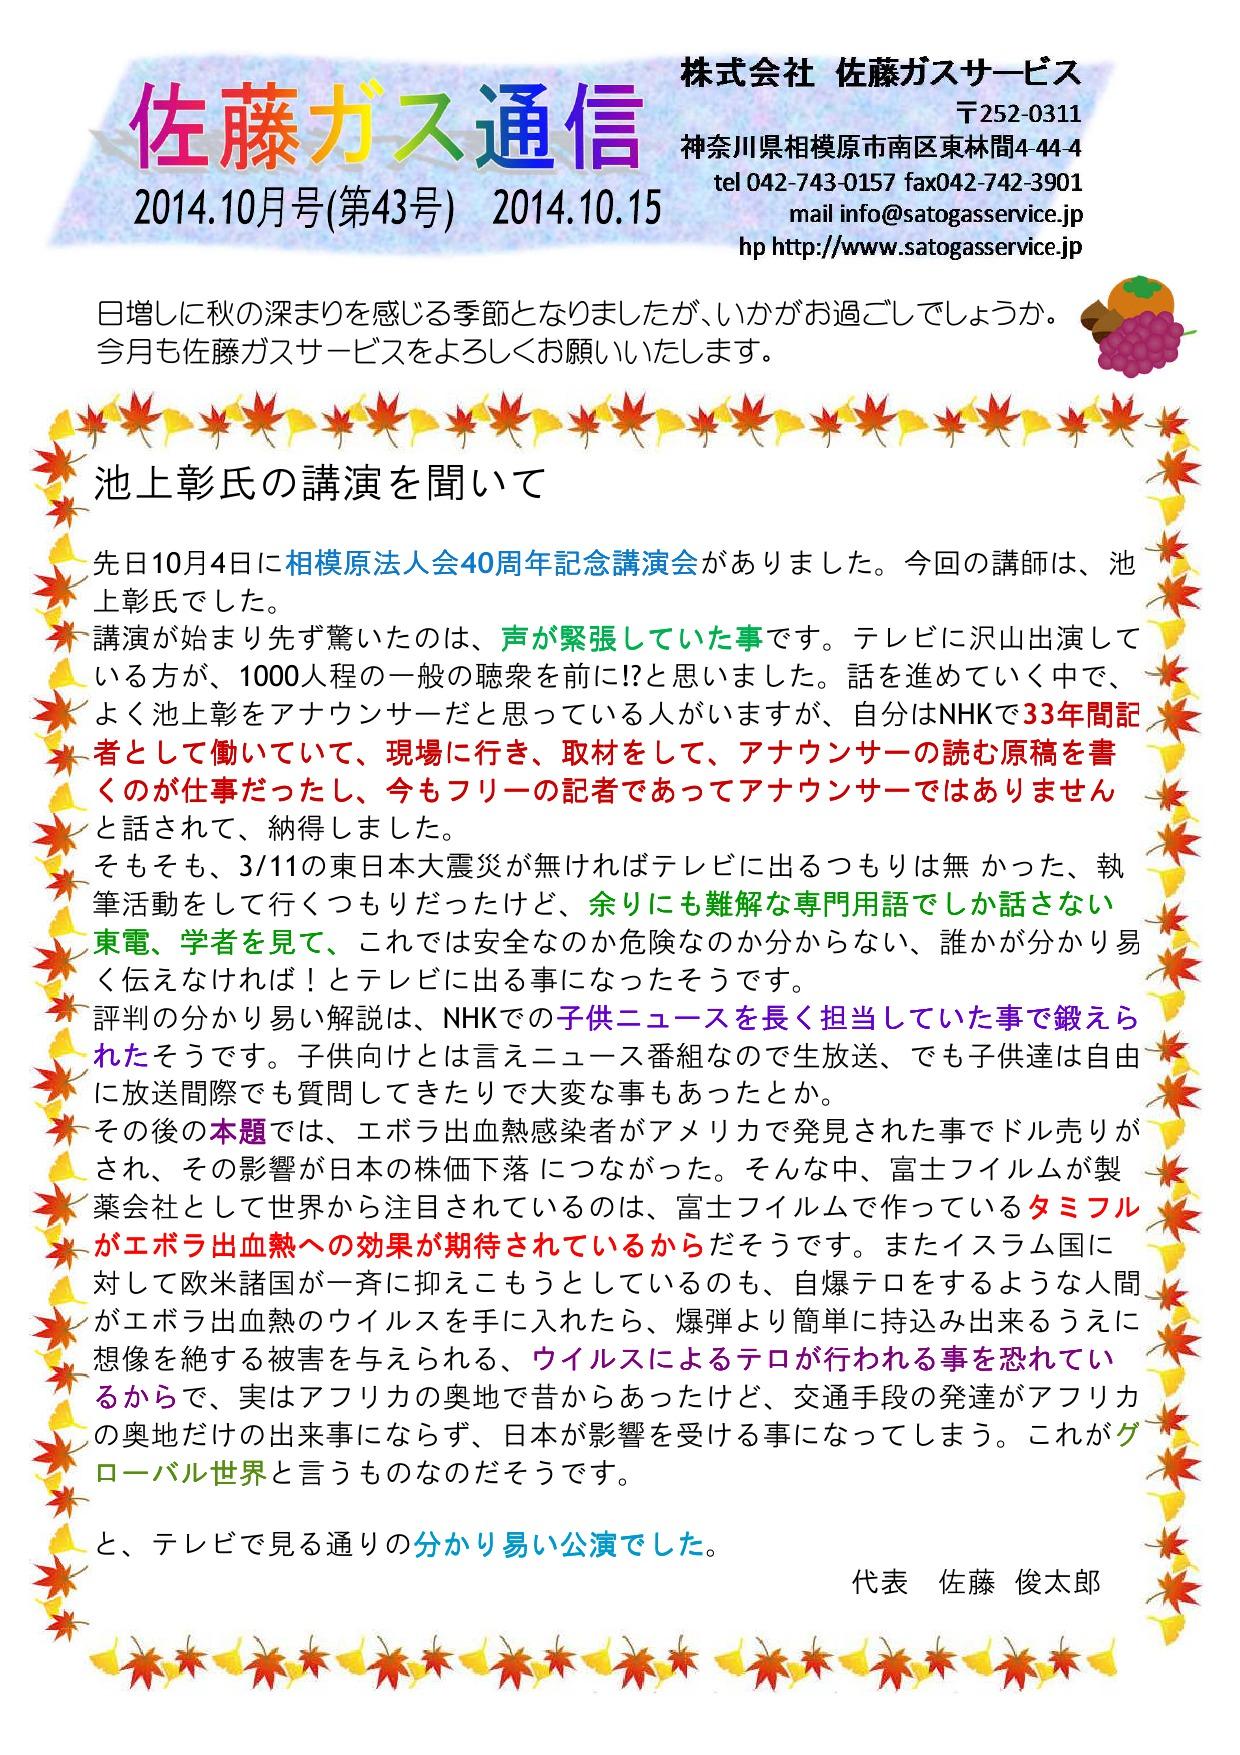 佐藤ガス通信26年10月